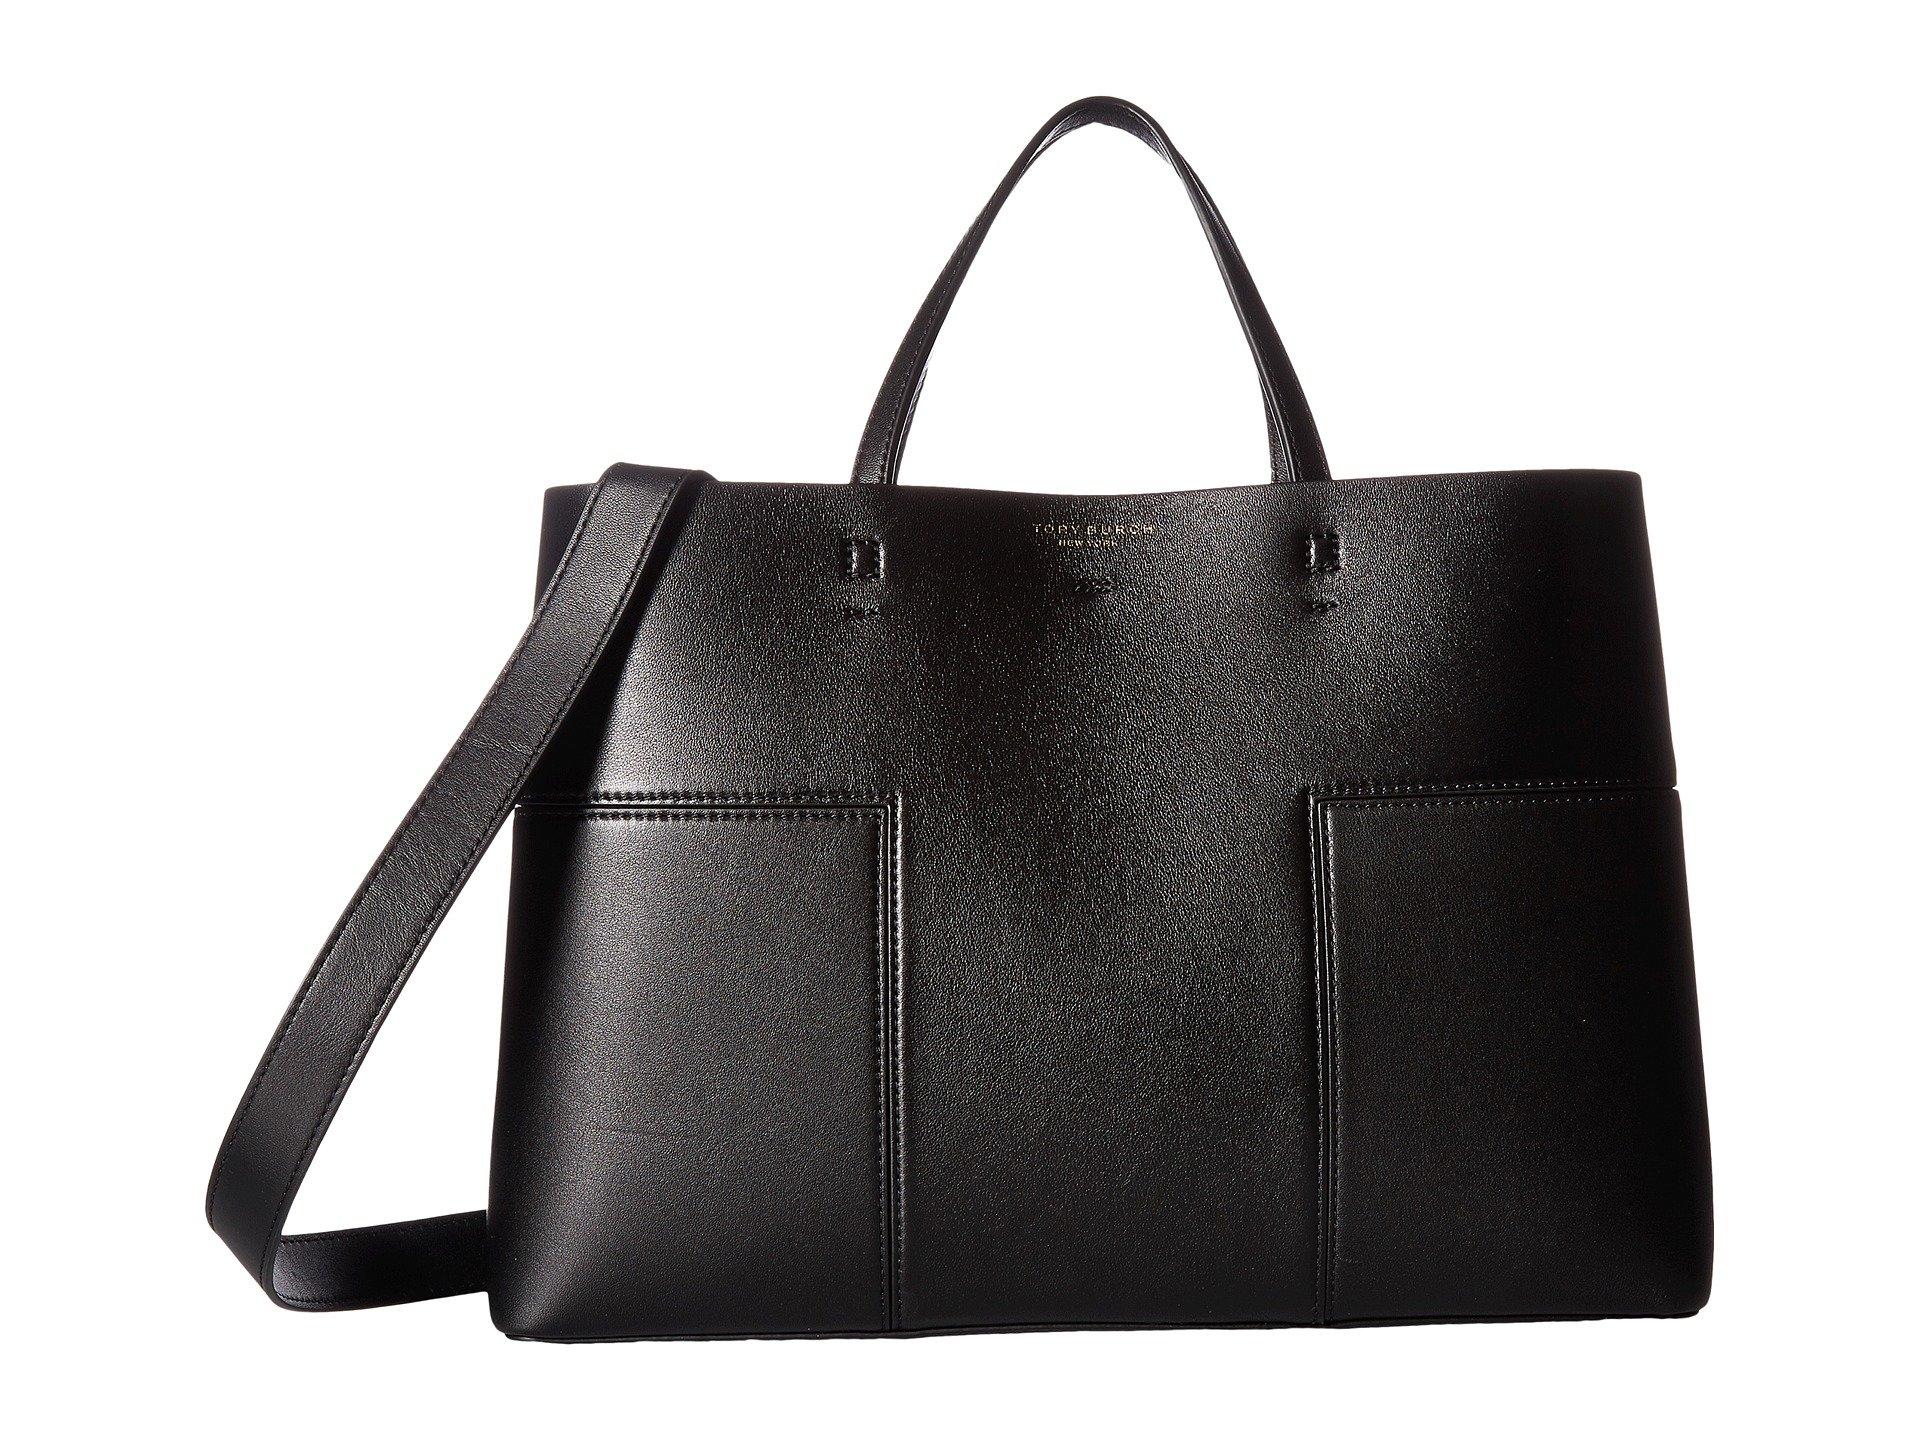 b9d753c61a2 Women s Tory Burch Handbags + FREE SHIPPING